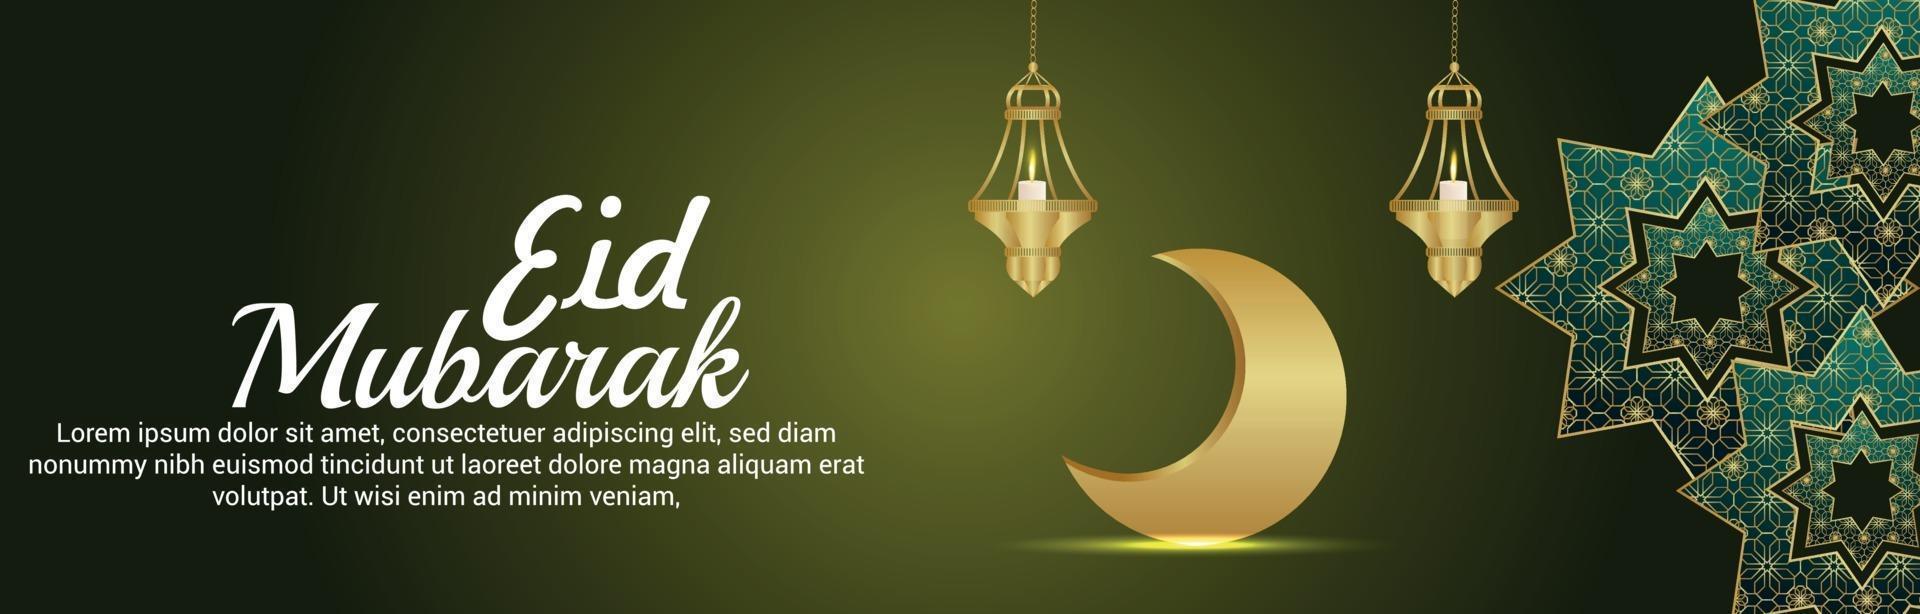 illustrazione vettoriale di banner di invito eid mubarak o intestazione con lanterna dorata su sfondo pattern